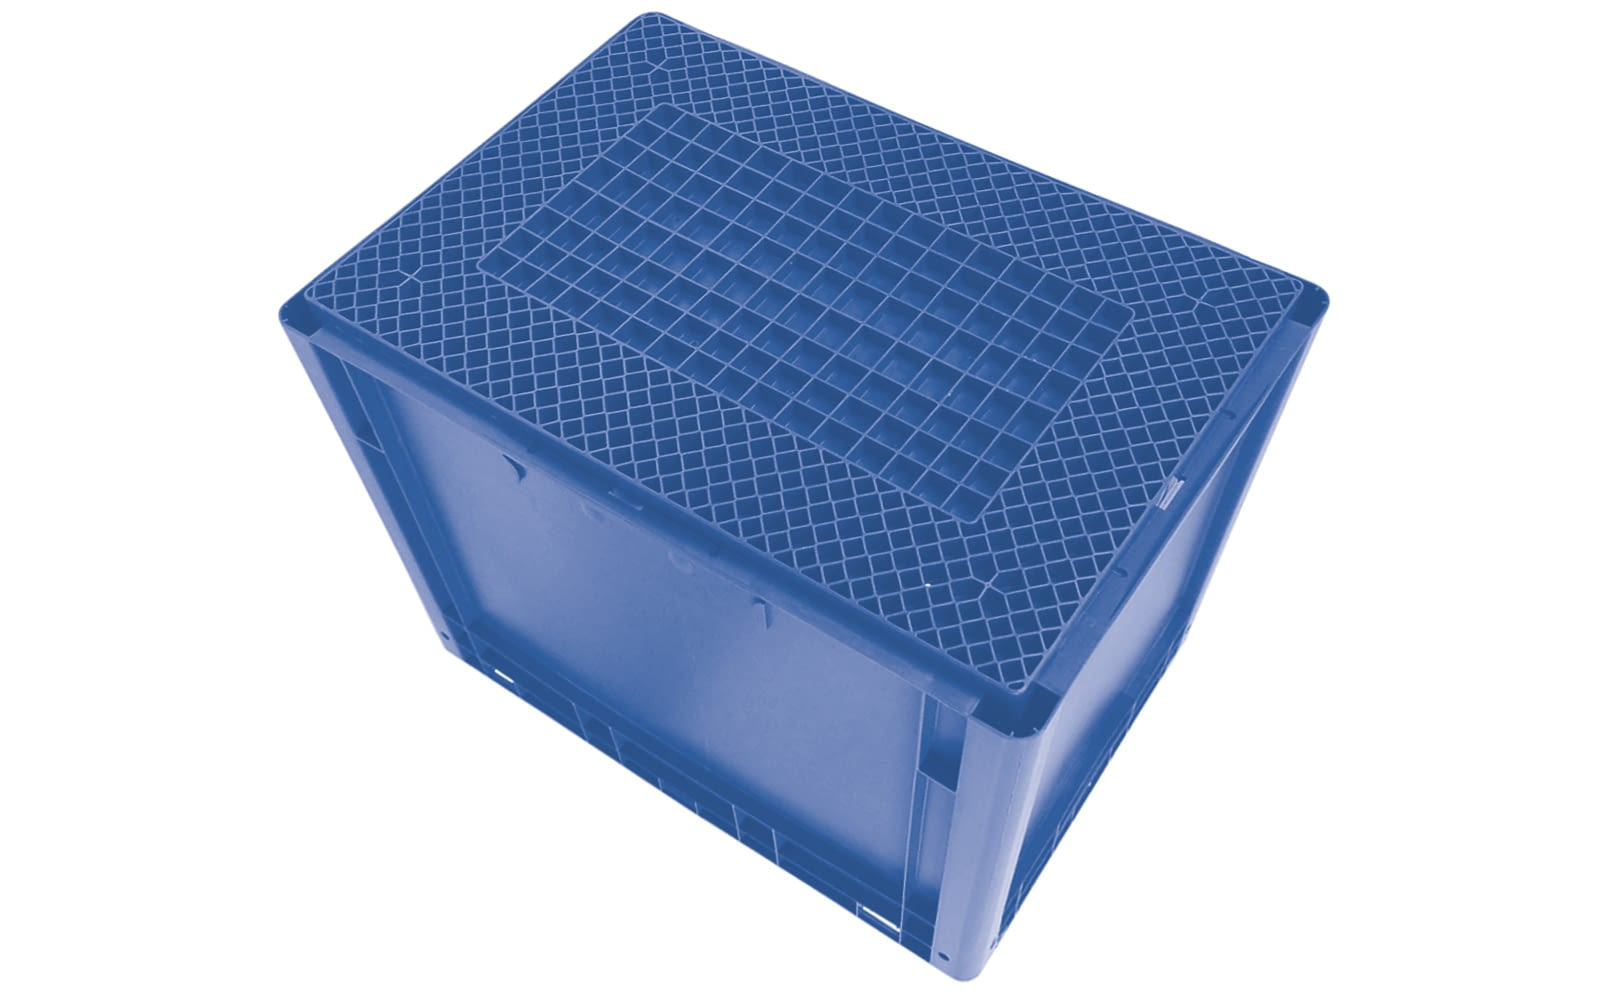 Bacs gerbables norme Europe, série XL, parois fermées, bleu, IMG_21231